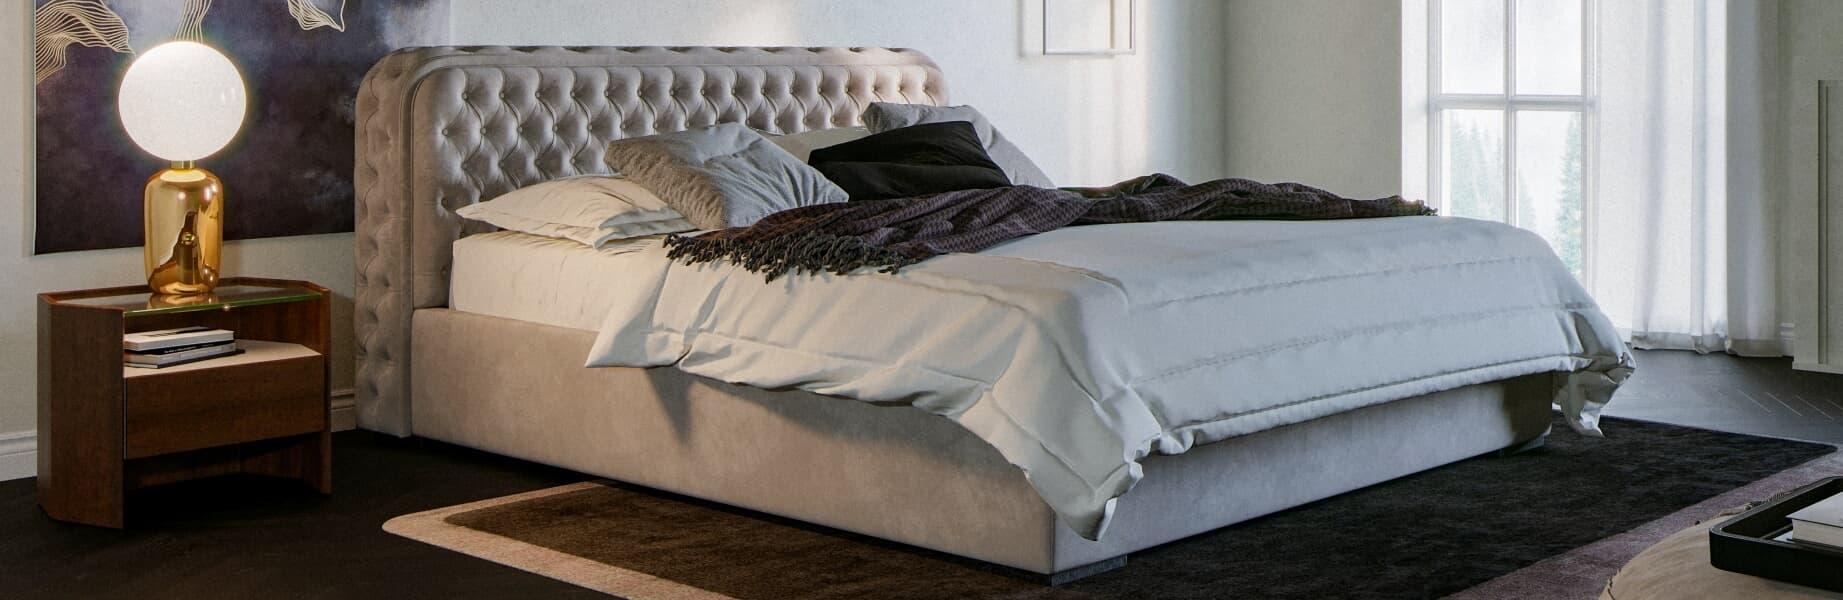 Beds Delavega